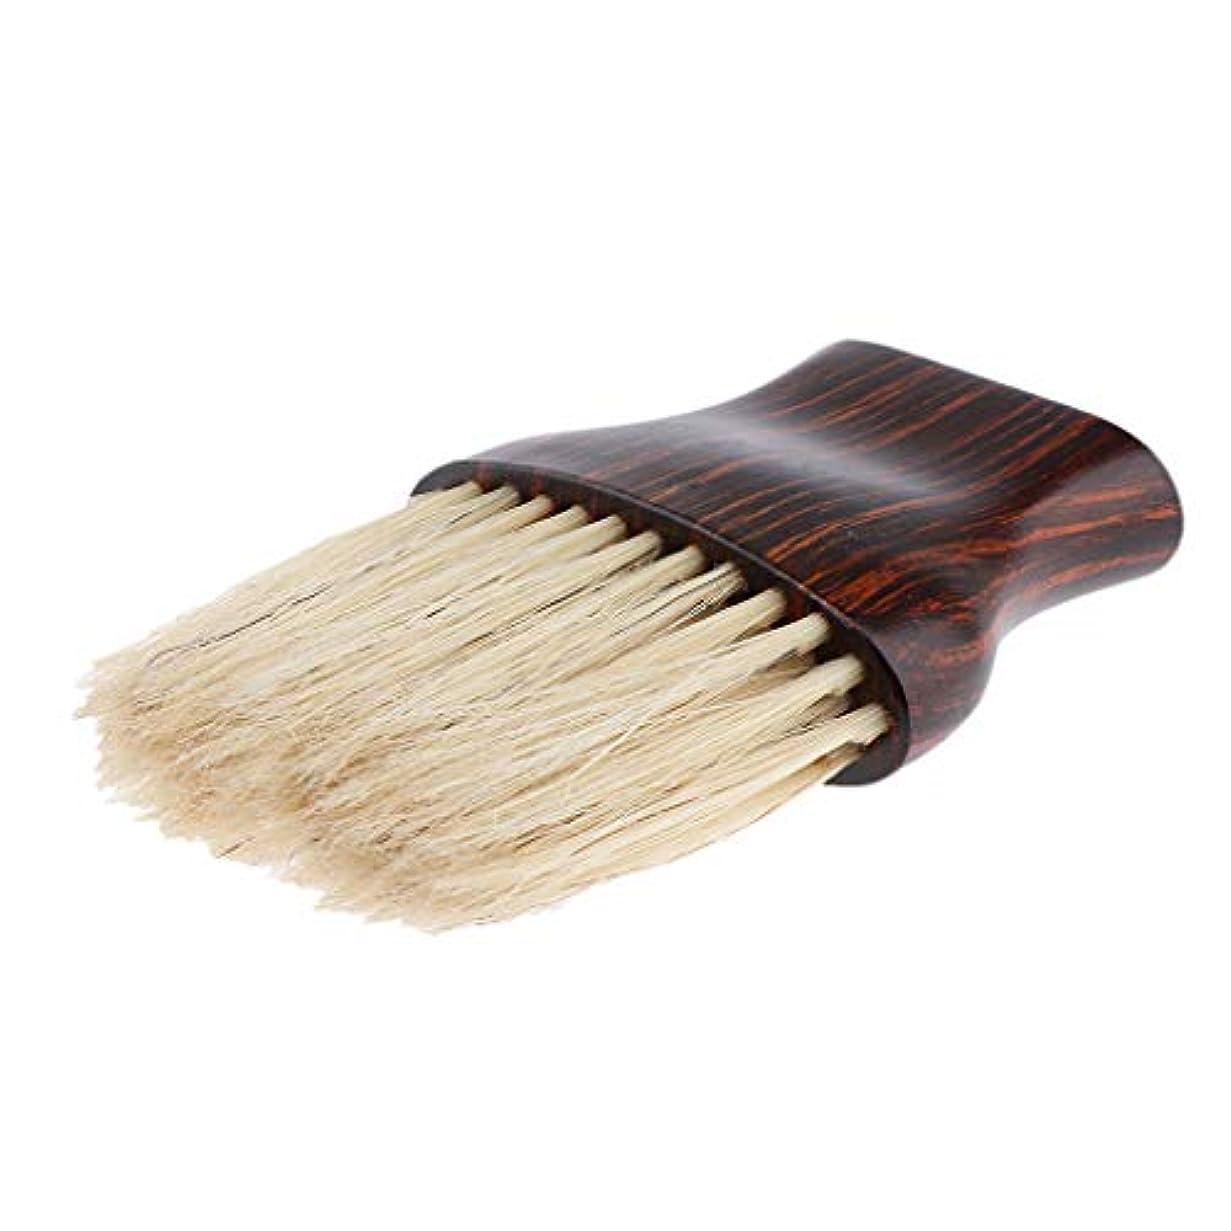 ストローク硬さ温帯Toygogo ネックダスターブラシ ヘアカットブラシ クリーニング ブラシ 毛払いブラシ 散髪 髪切り